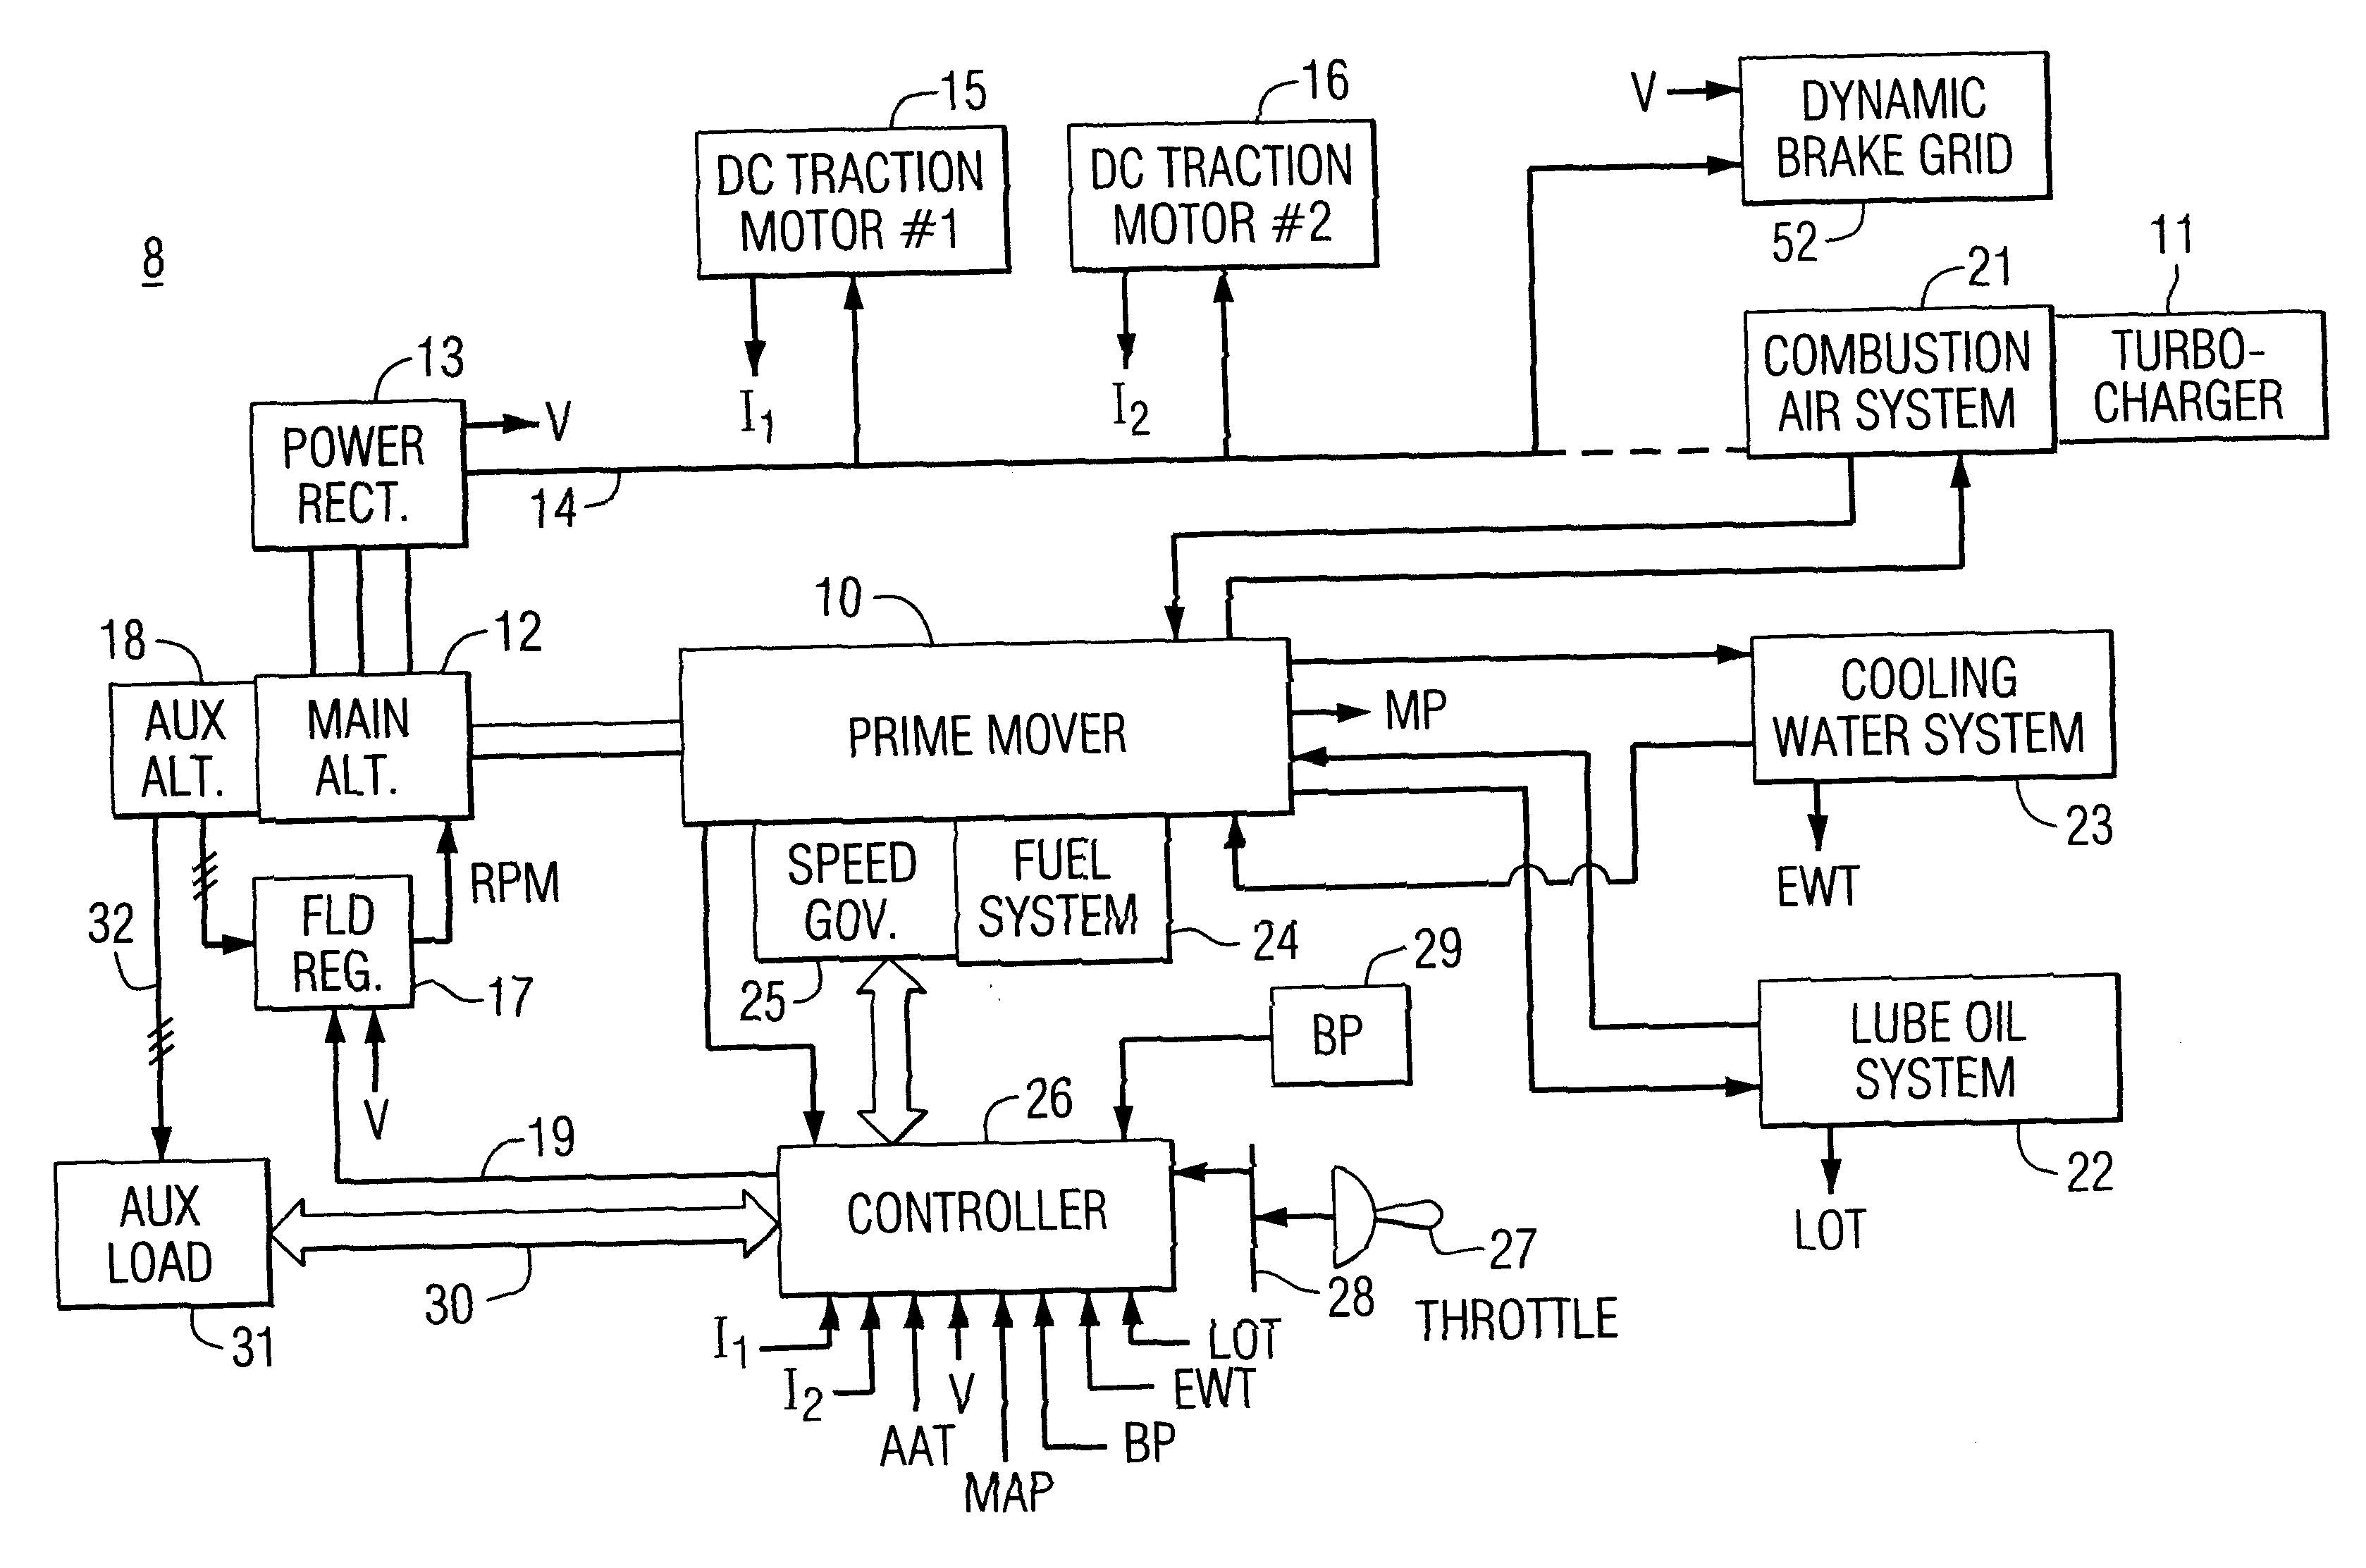 Diesel Engine Diagram Labeled Lovely Diesel Engine Diagram Labeled ...